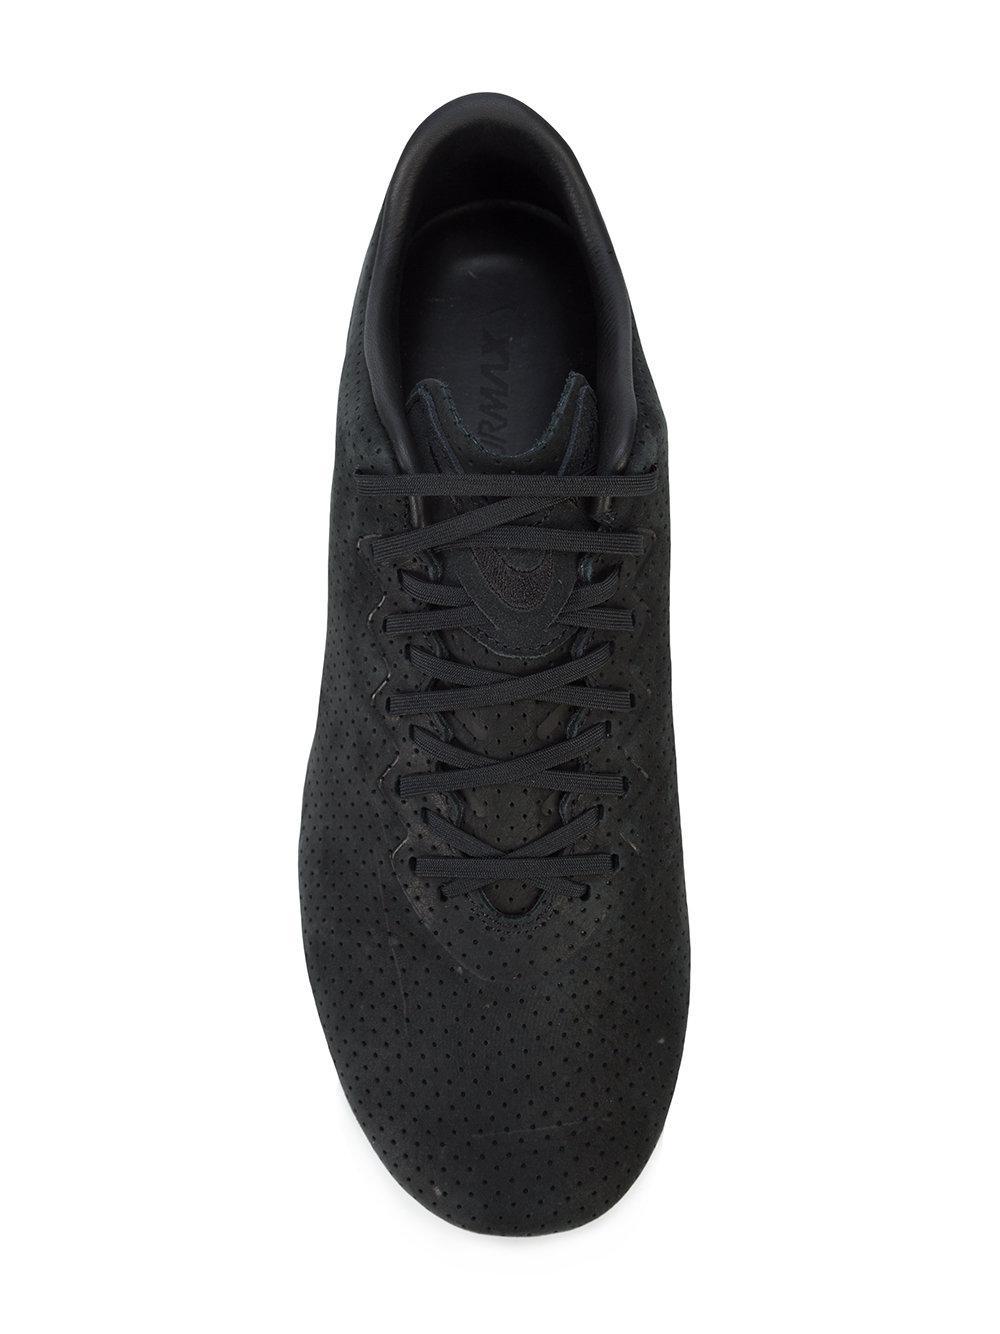 1bfa5247c3659 Nike Air Vapormax Ltr Sneakers in Black for Men - Lyst